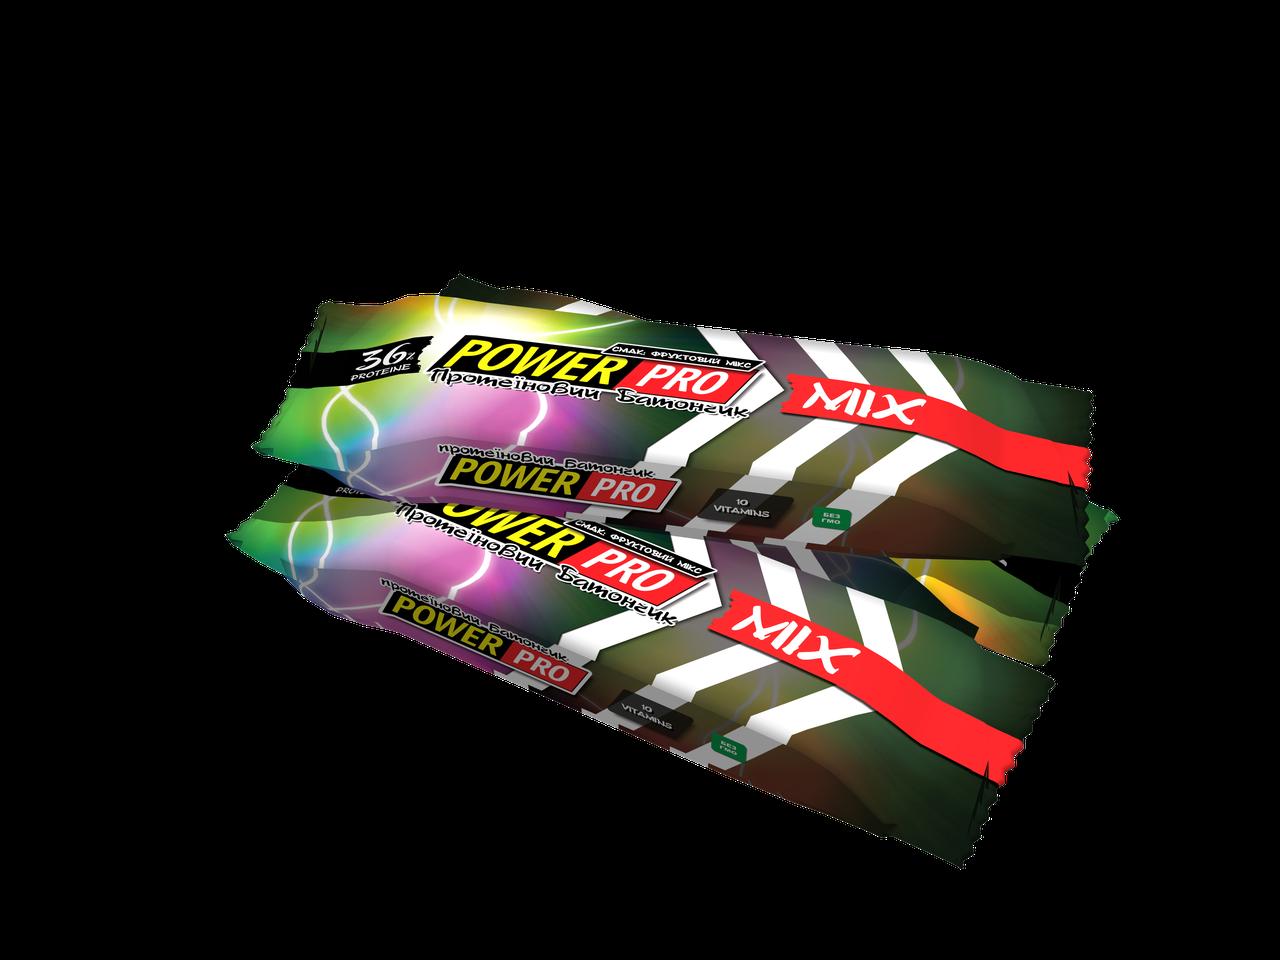 Power Pro Батончик 36% йогурт-микс 20х60 г